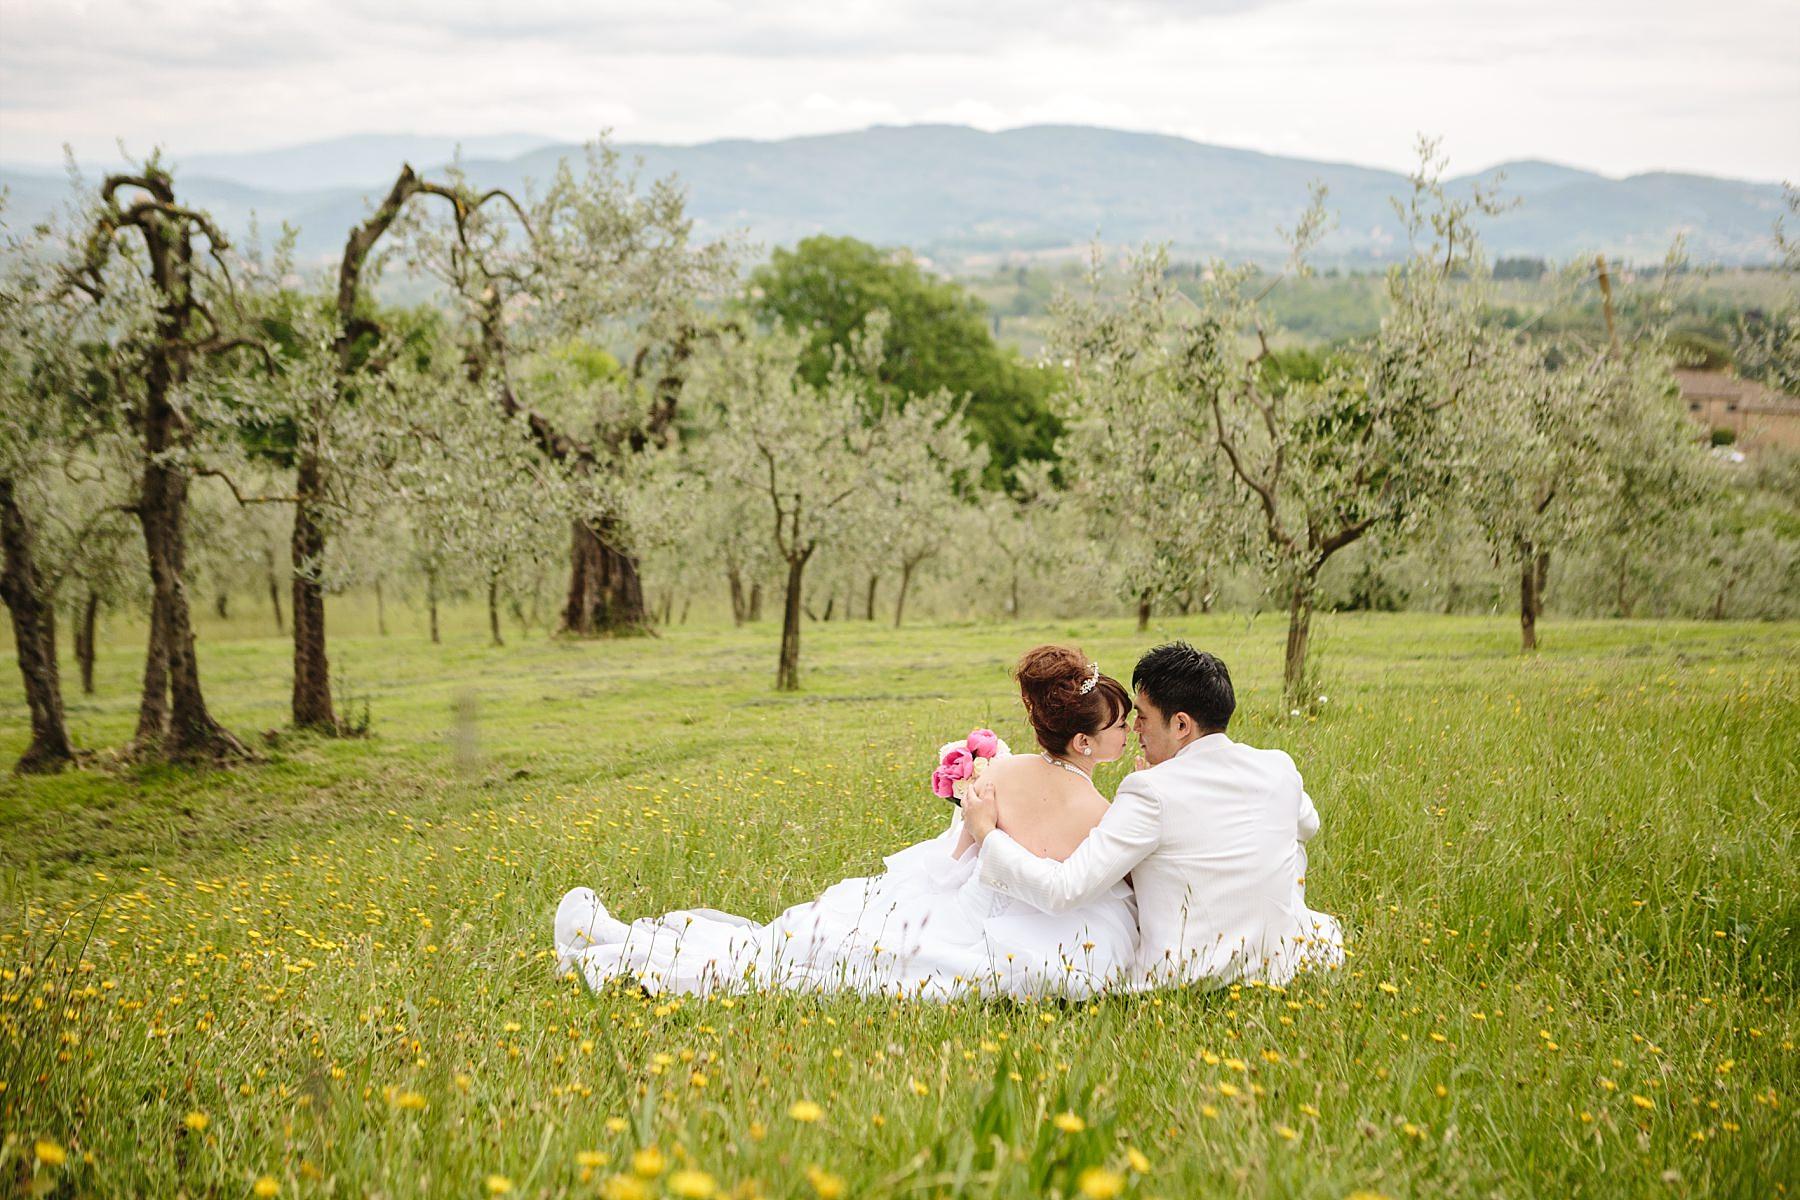 Fotografia di matrimonio con sposi seduti sul prato